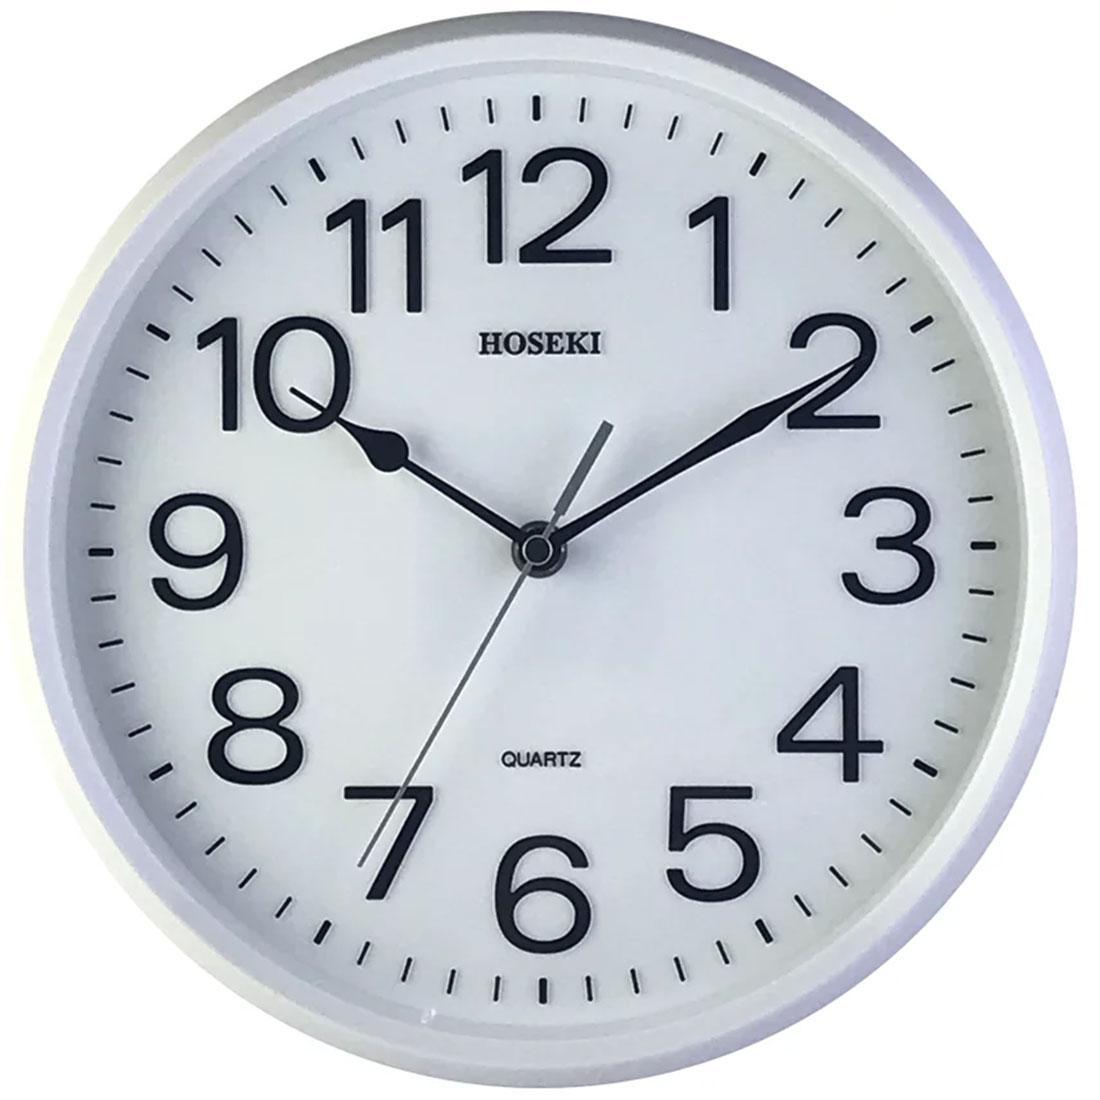 Hoseki Quartz H-9141W H-9141 White 3D Analog Round Decor Wall Clock